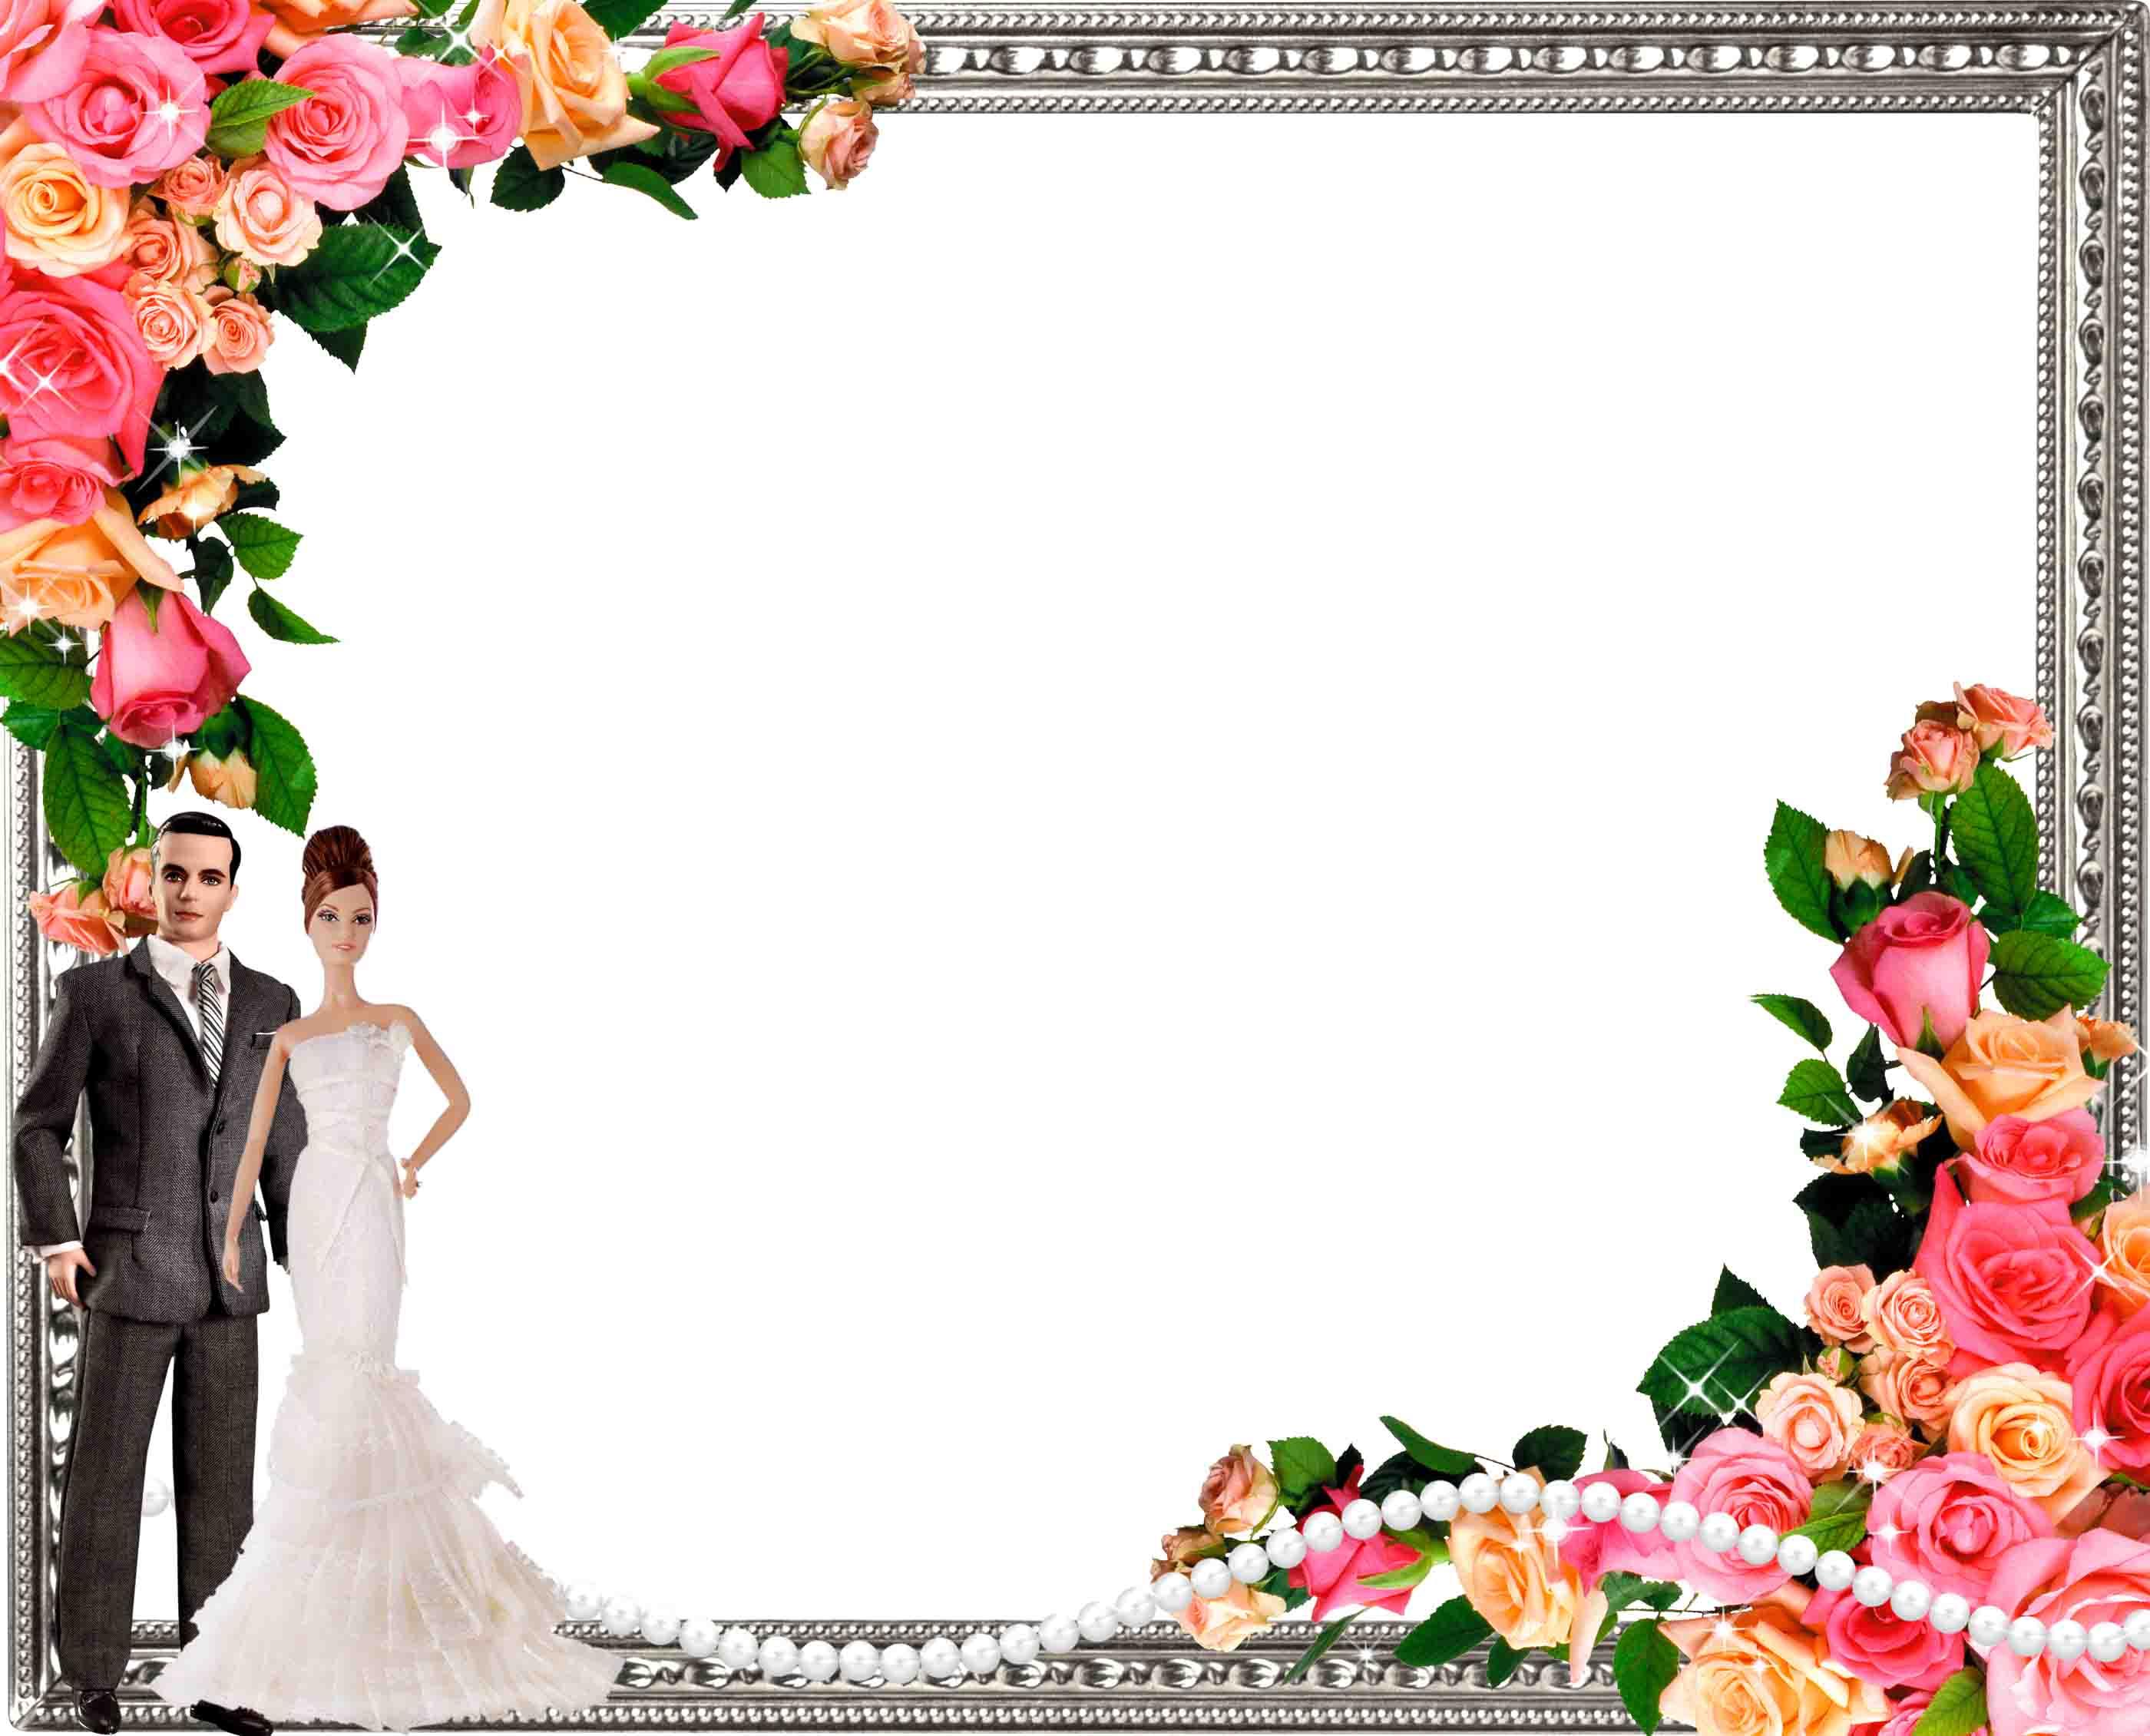 Открытки в ворде на свадьбу